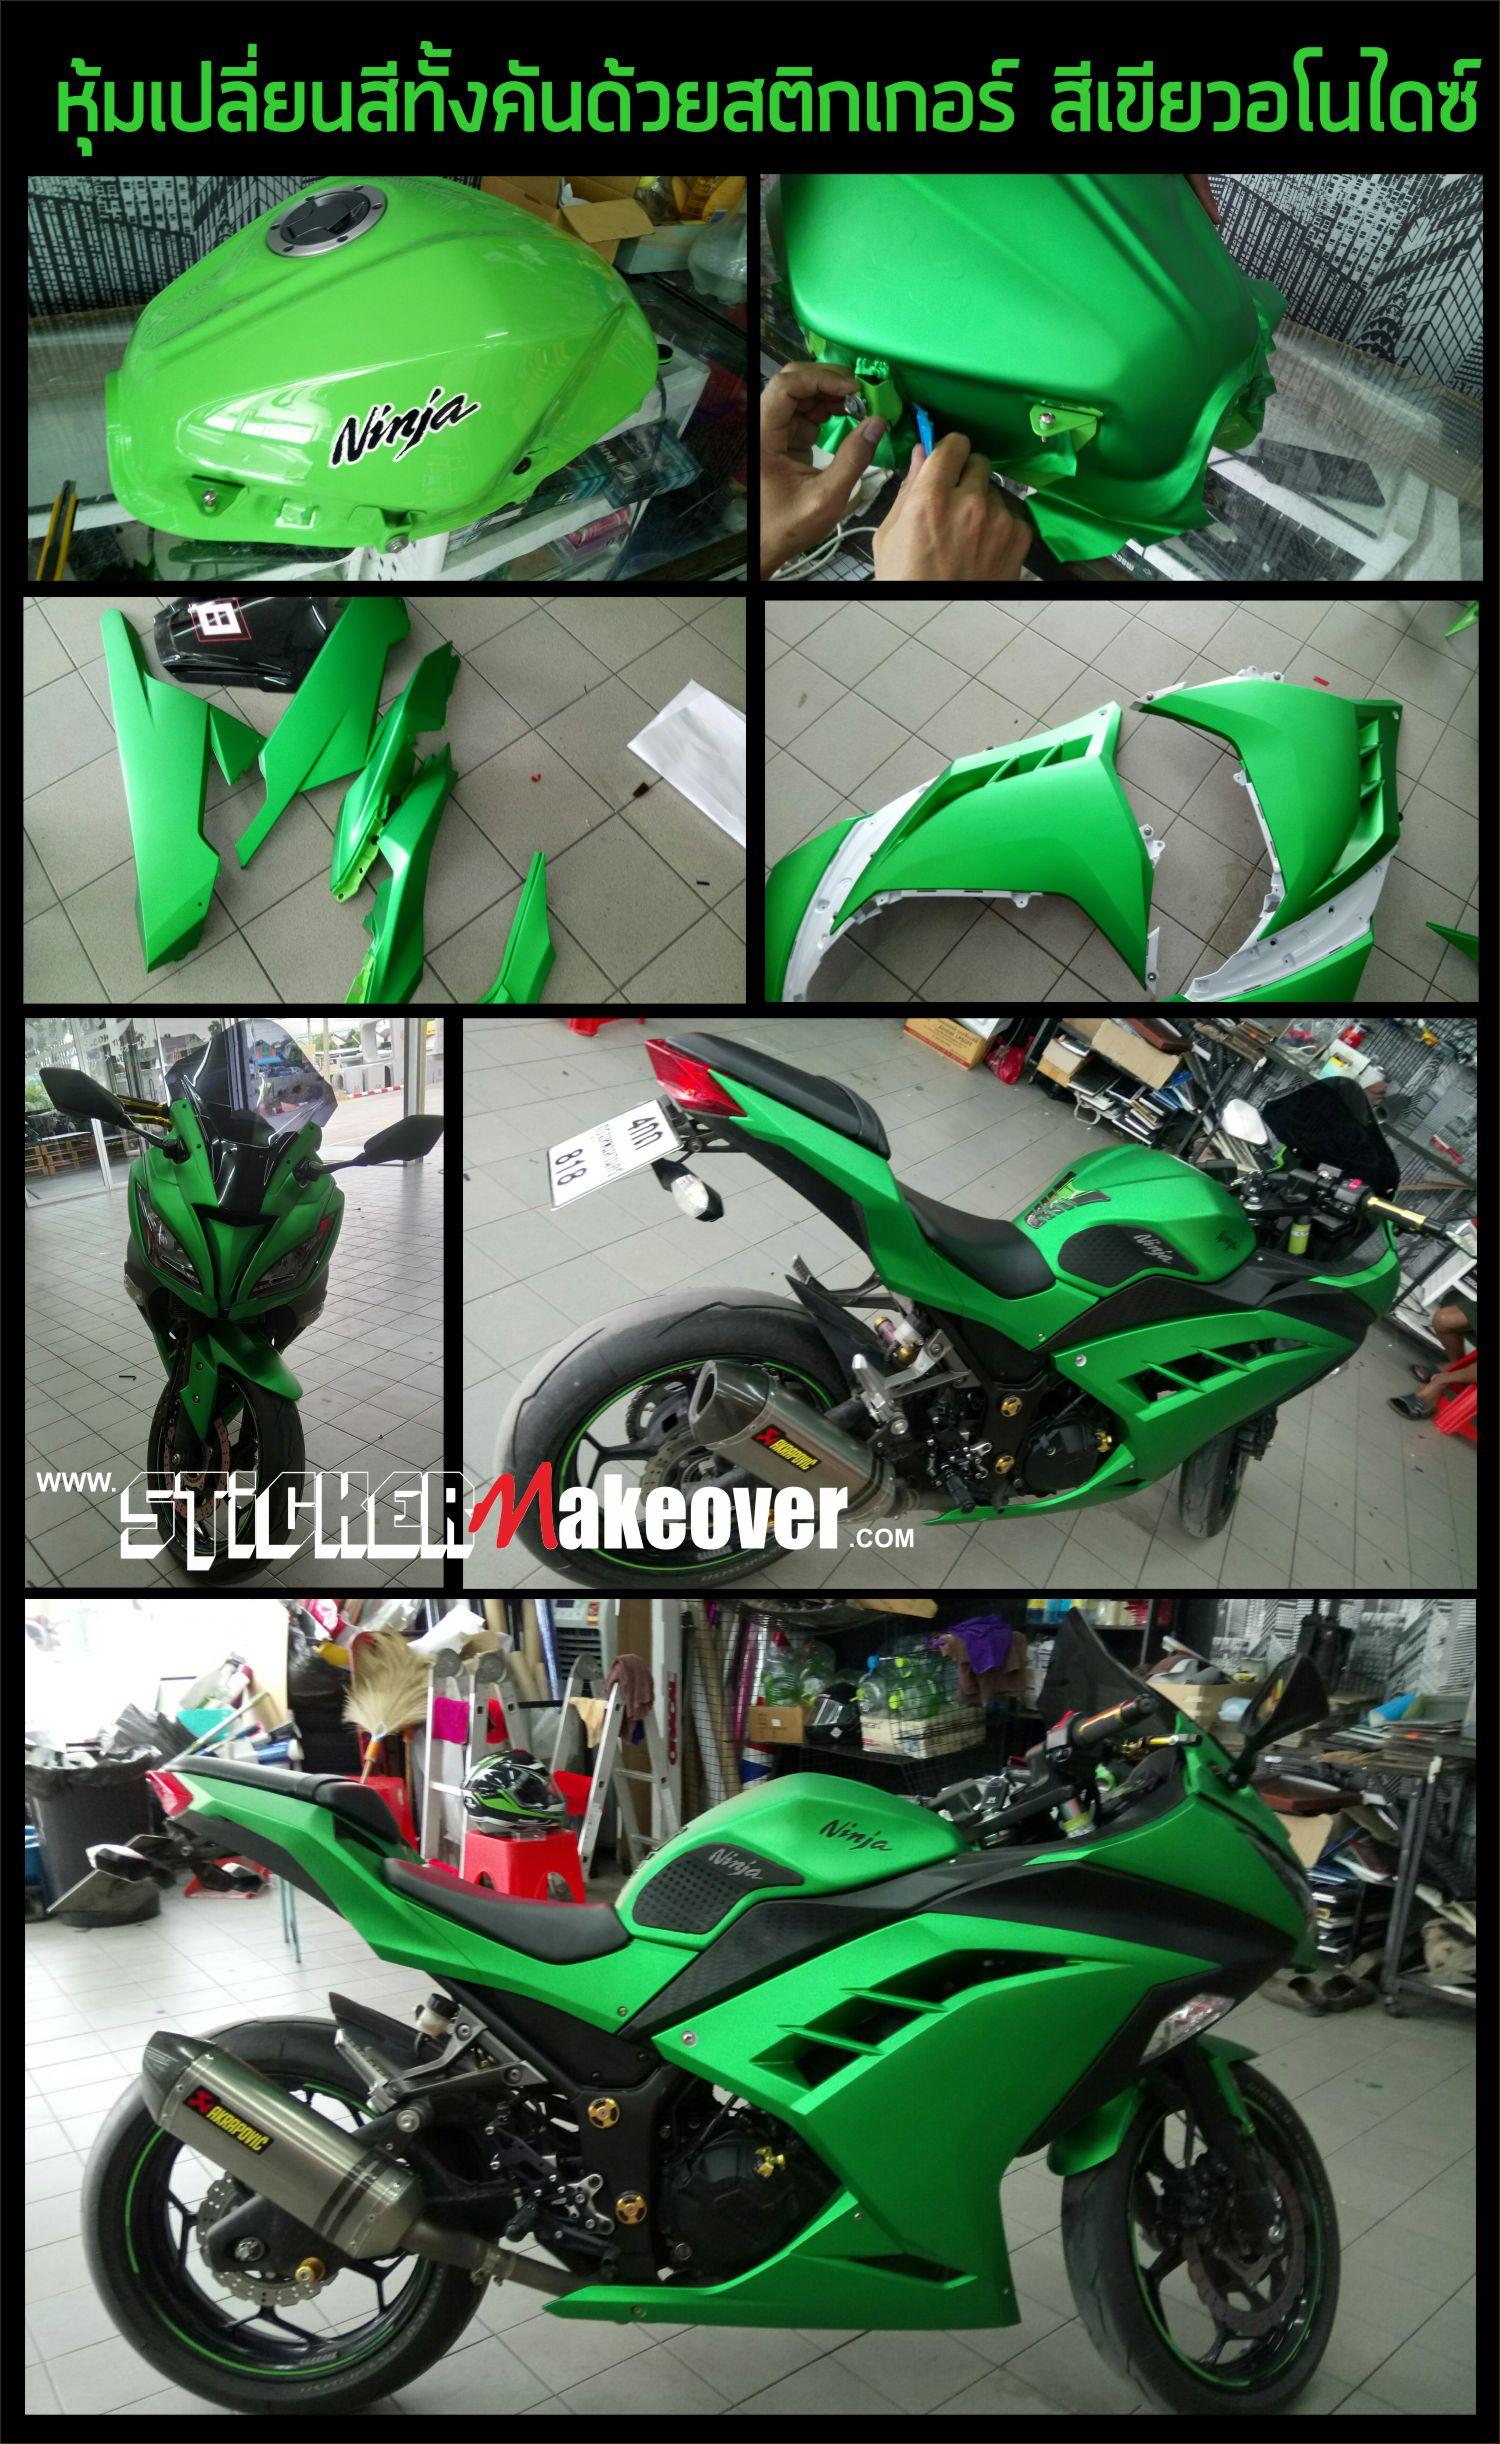 สติกเกอร์ BMW gsa r1200 wrapx100xr sticker bmw triple blackwrapใสกันรอยbigbikr  wrap bigbike  ติดลาย bigbike  หุ้มใสกันรอยbigbike  หุ้มเปลี่ยนสีbigbike  แต่งลายbigbike  สติกเกอร์bigbike  แต่งbigbike  wrap sticker bmw gsa r1200  iconic limited edition wrapเปลี่ยนสีโช้ค ducati  หุ้มเปลี่ยนสีถังtriumph  สติกเกอร์yamaha สติกเกอร์ Kawasaki